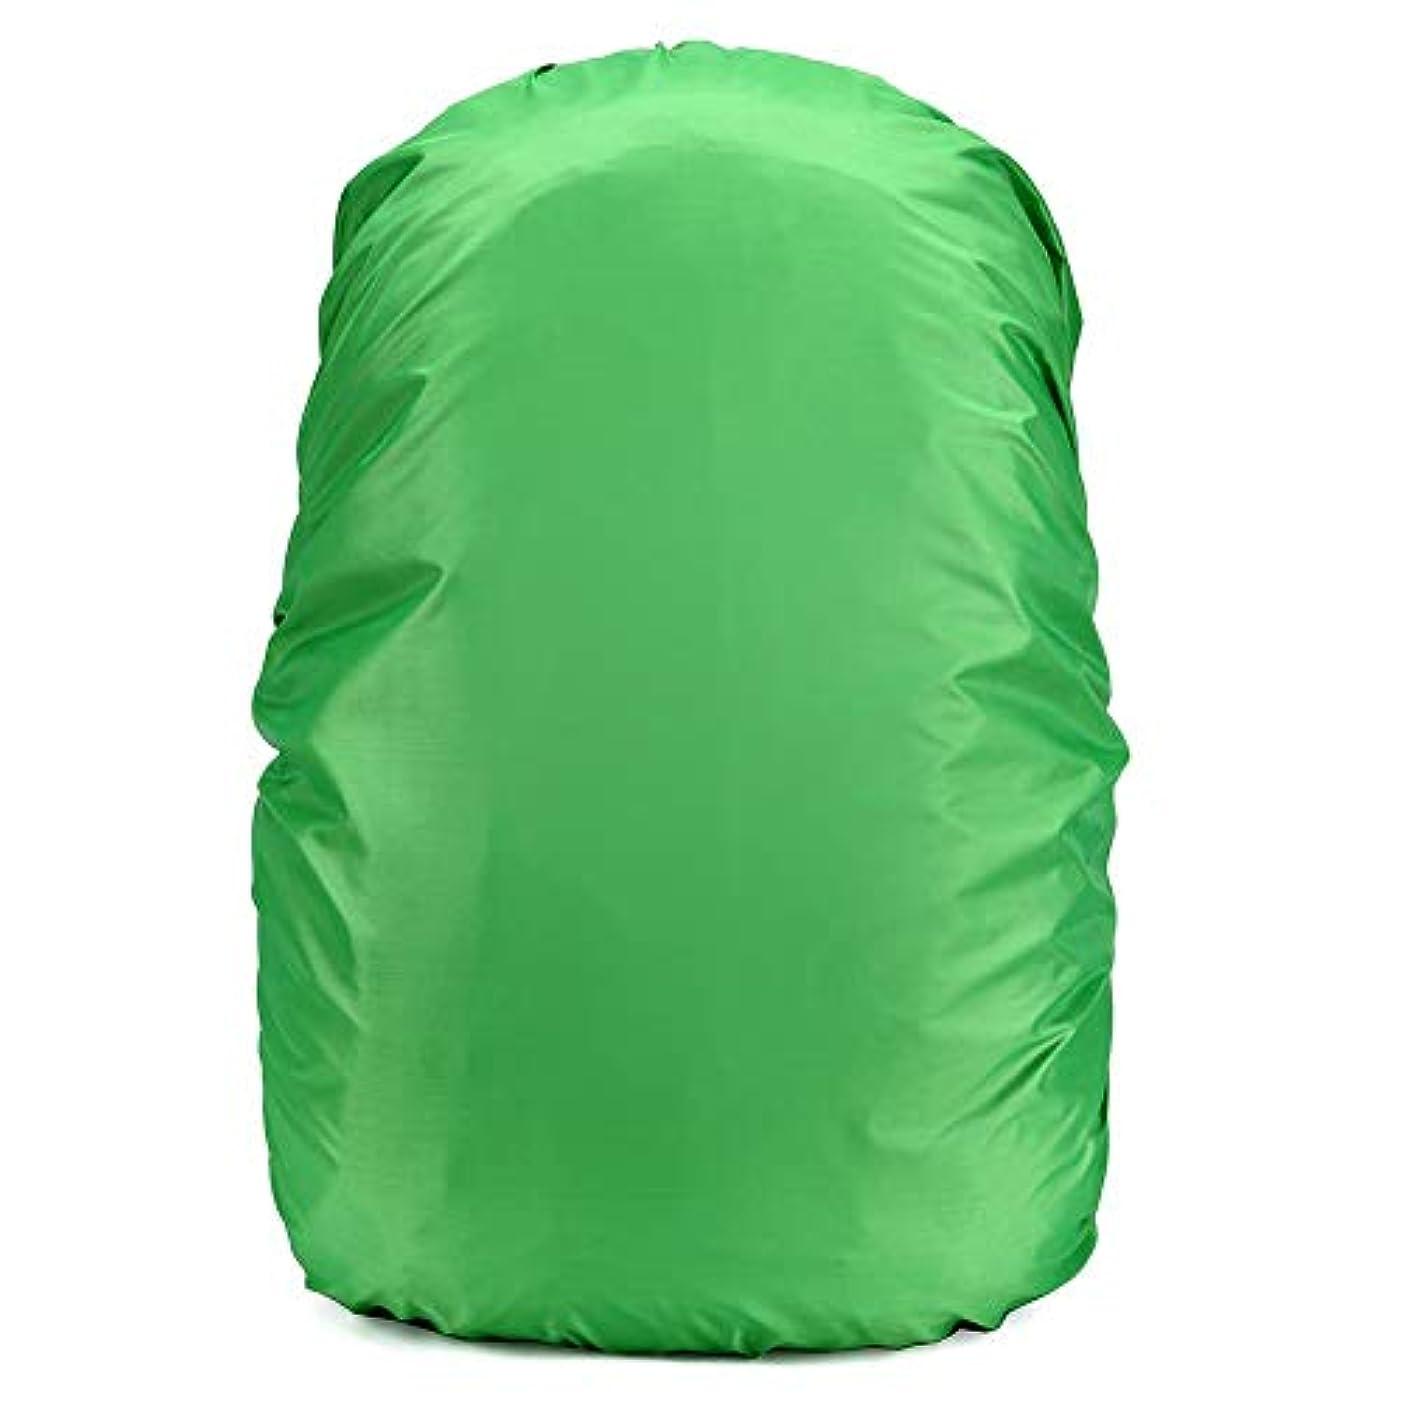 スワップの面ではロッジk-outdoor バックパック防水カバー 防雨カバー 45L登山リュックカバー トラベルバックパック